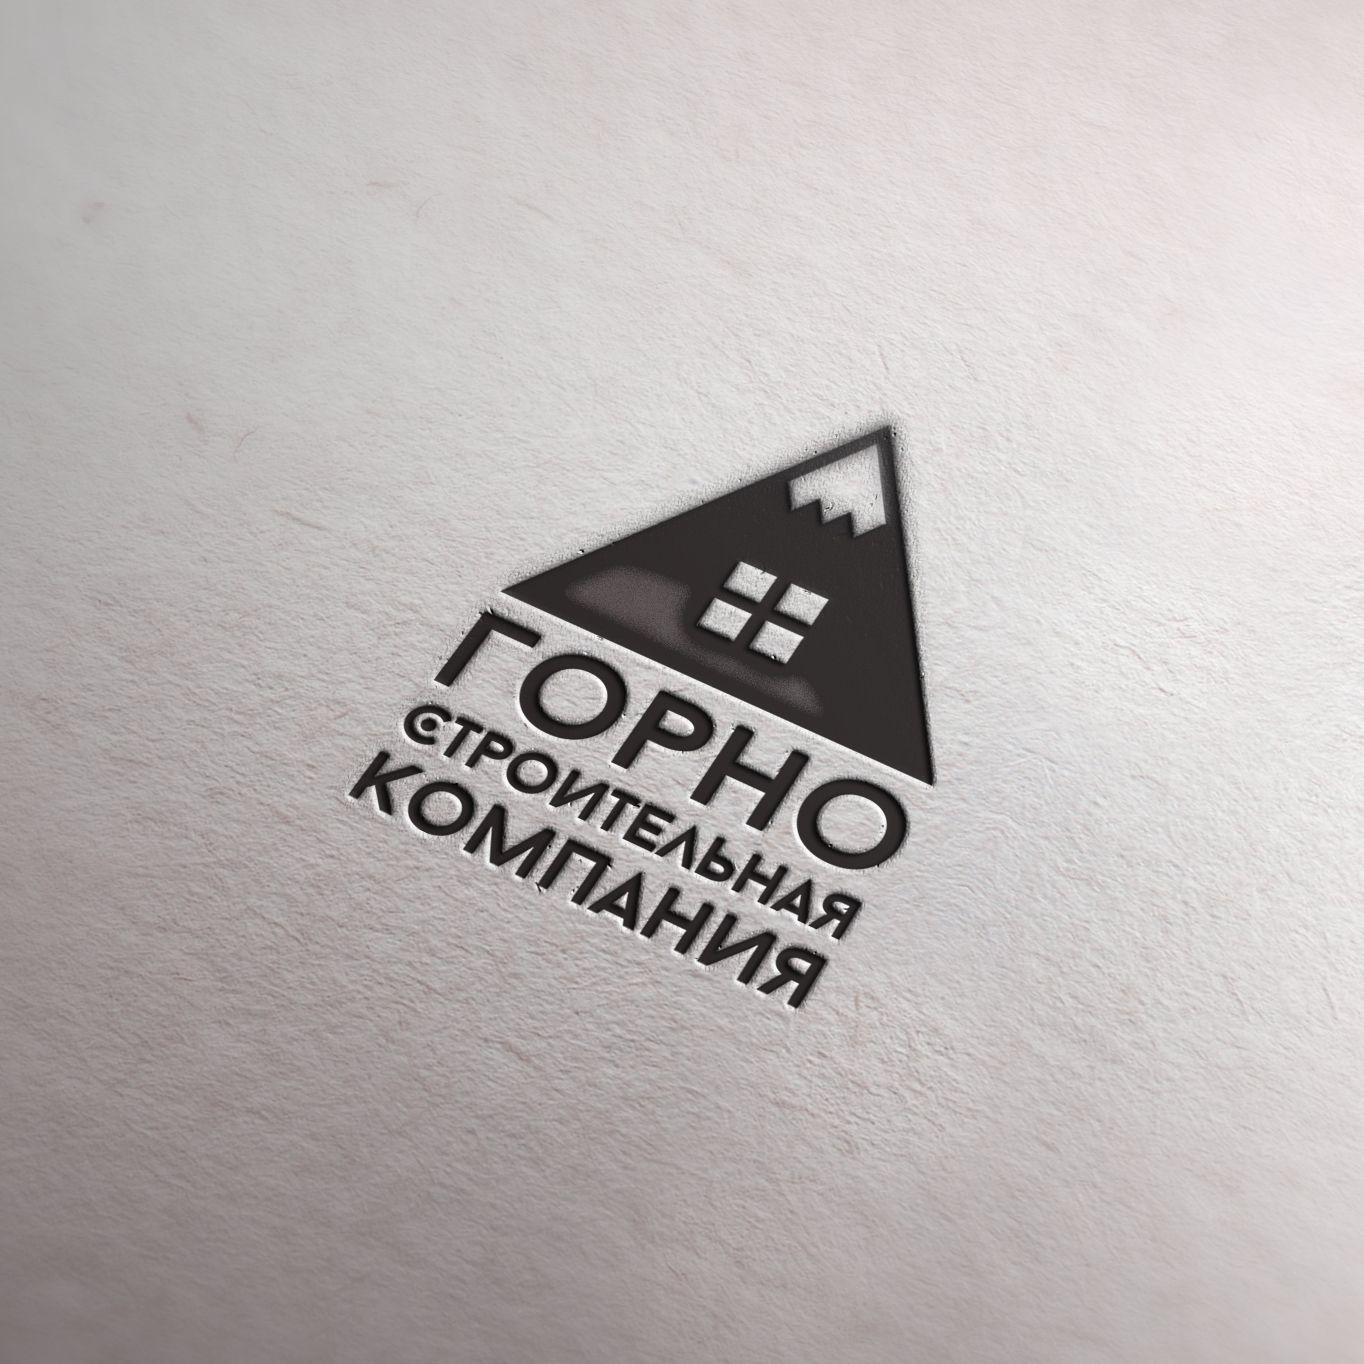 Логотип для Горно-Строительной Компании - дизайнер sviaznoyy